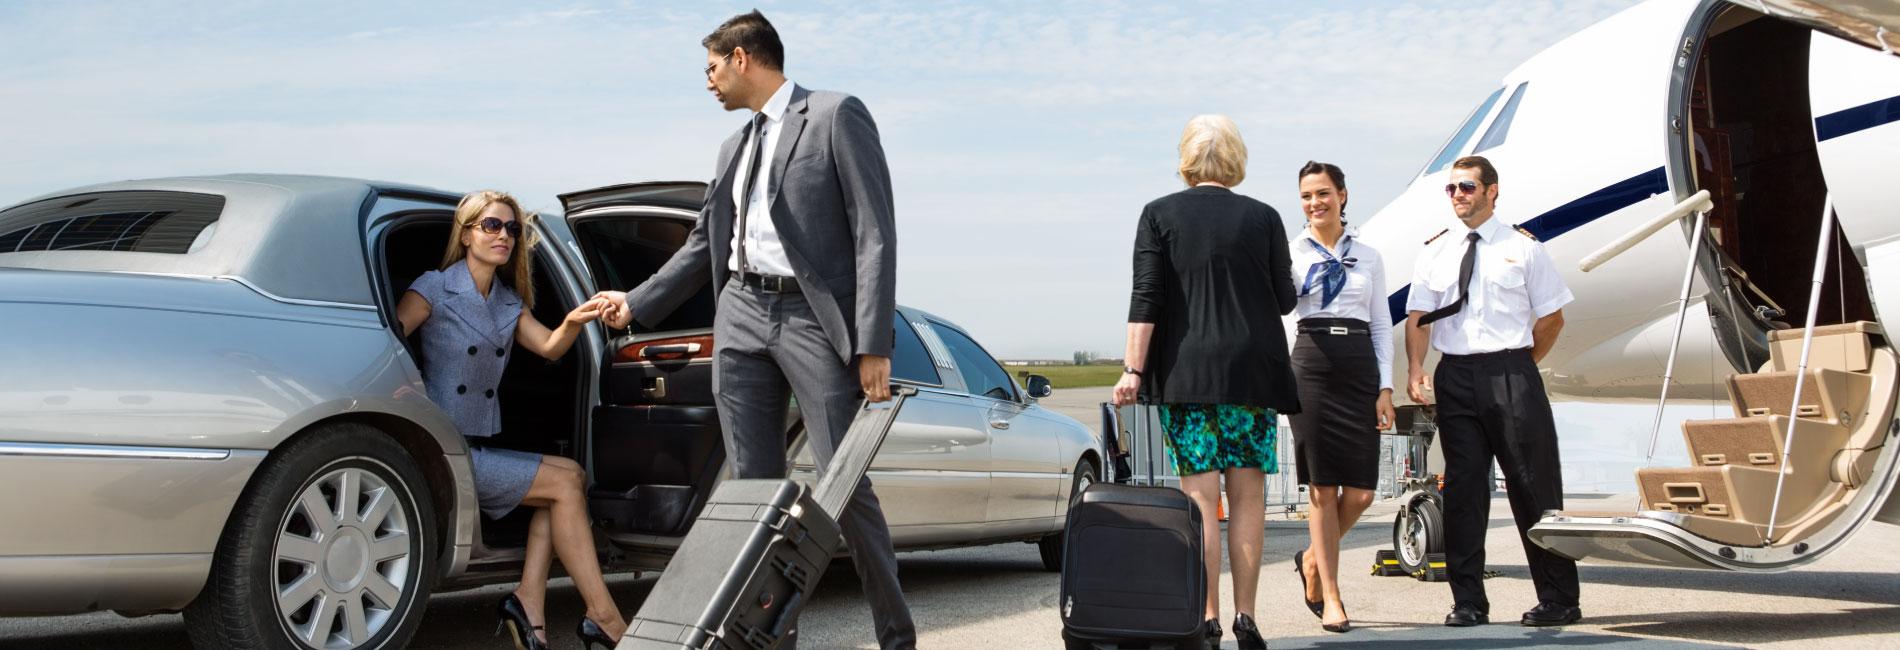 Scoprite tutte le nostre nuove destinazioni: aeroporti</br>città e stazioni ferroviarie